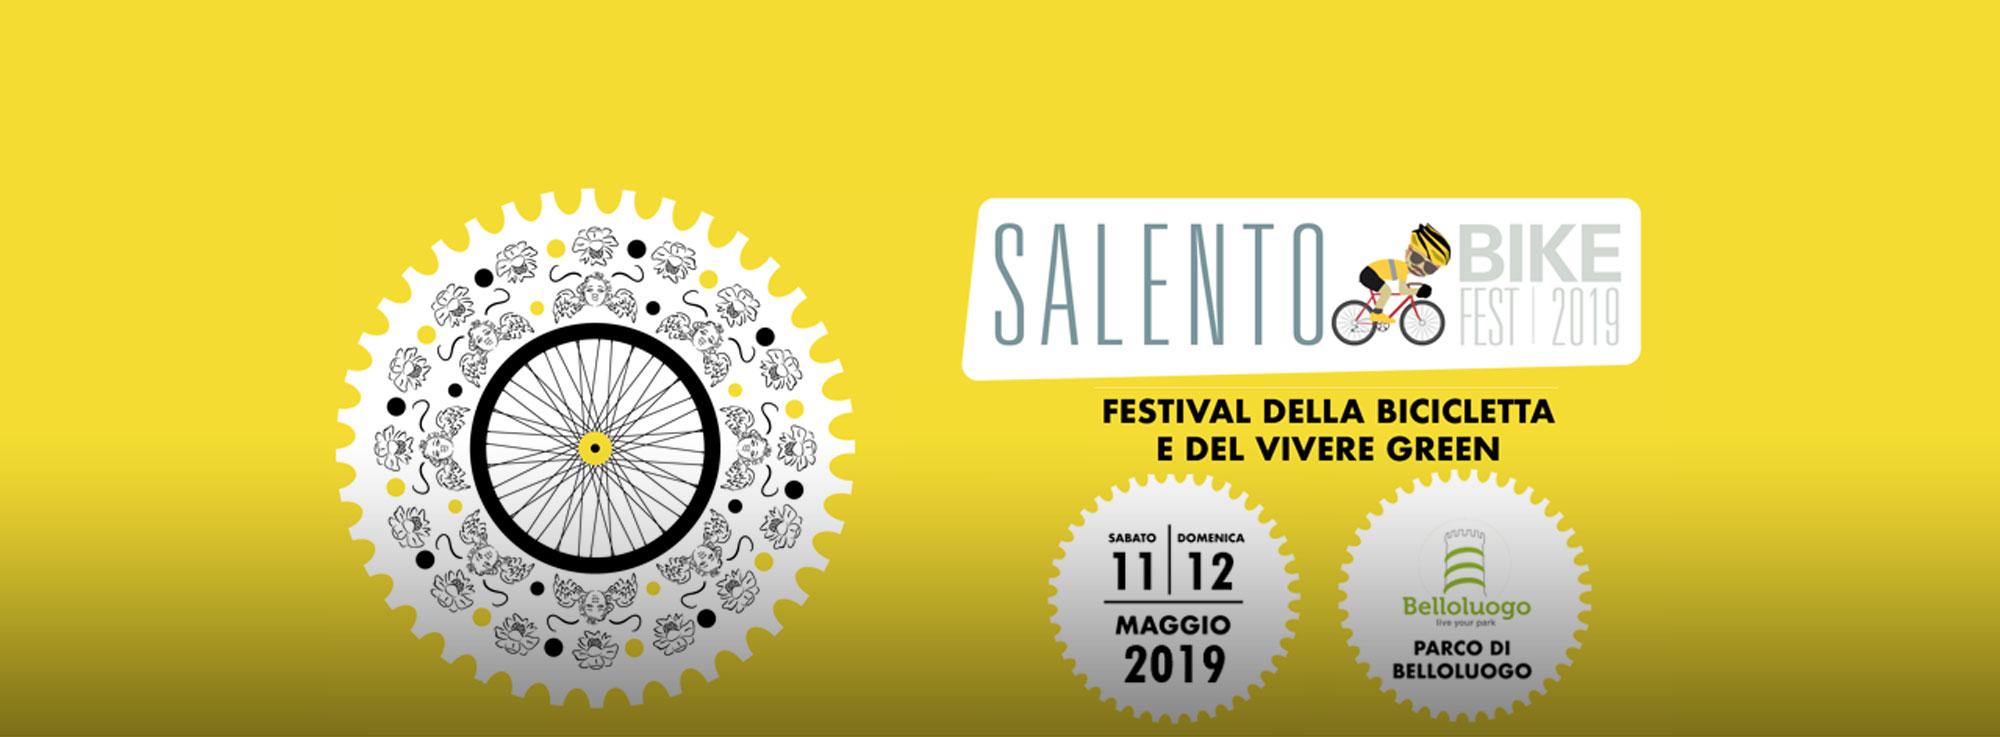 Lecce: Salento Bike Fest